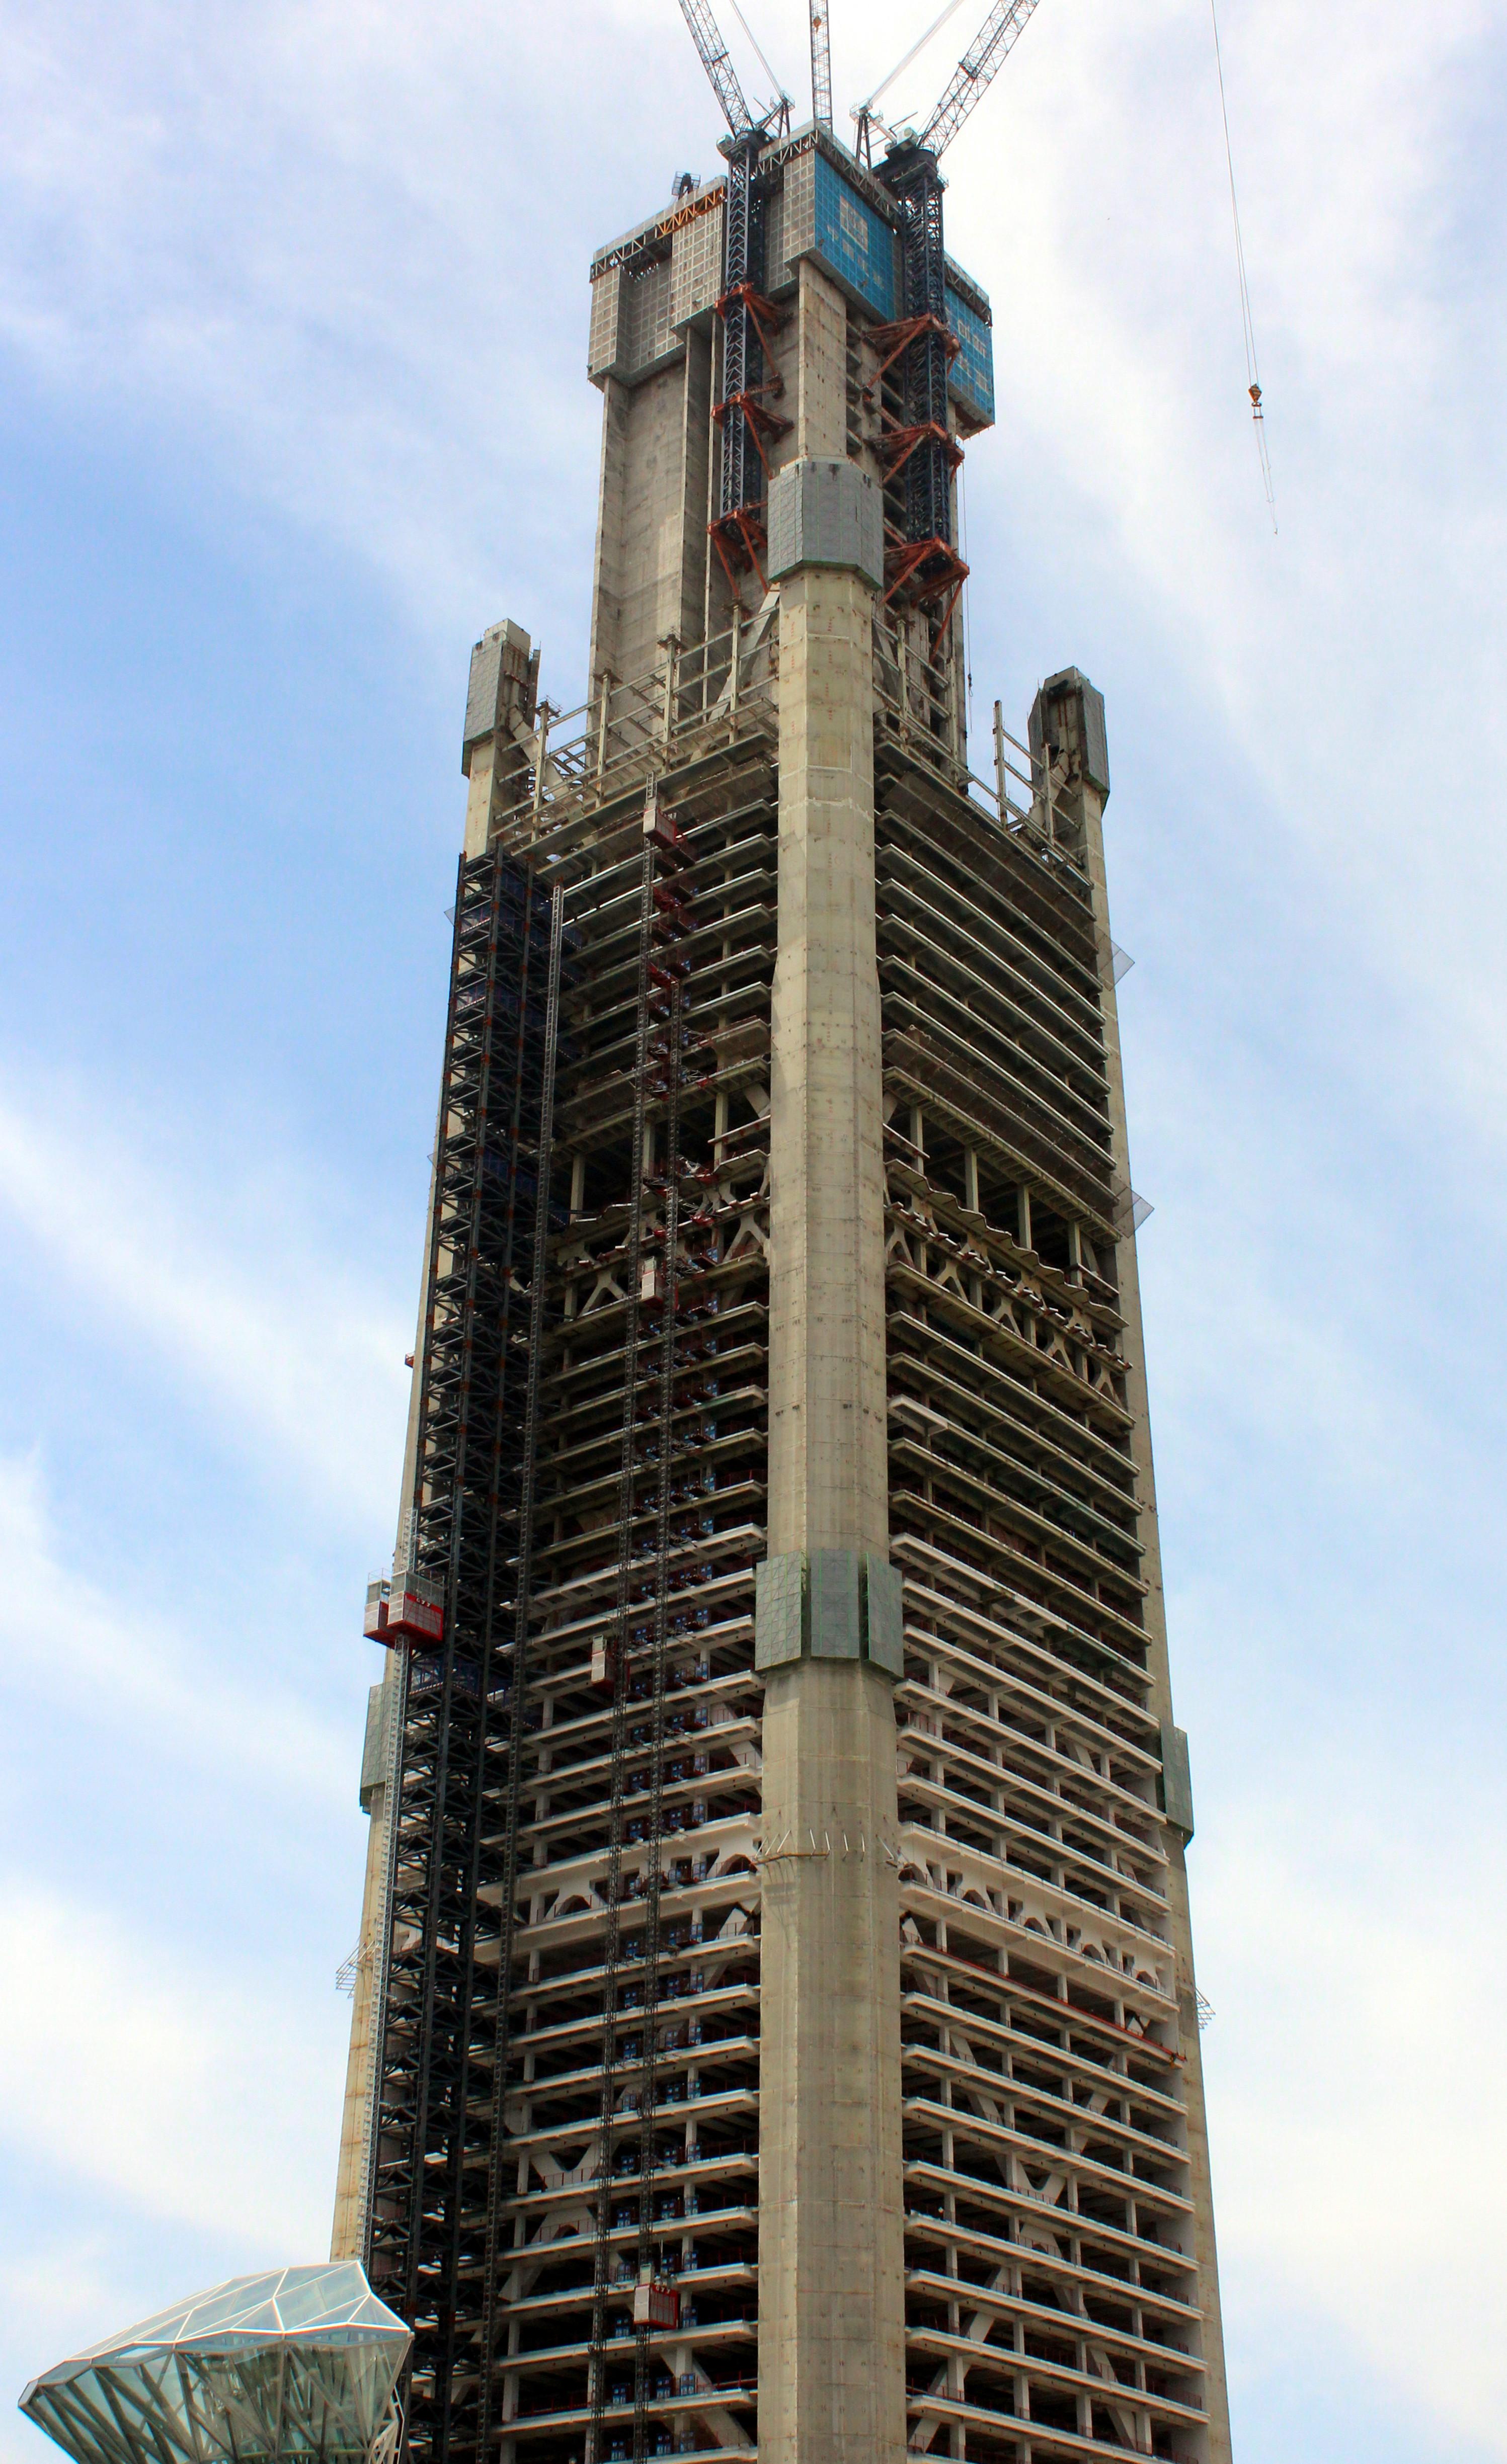 高银金融117大厦 游泳池建在597米顶层 中国结构第一高楼